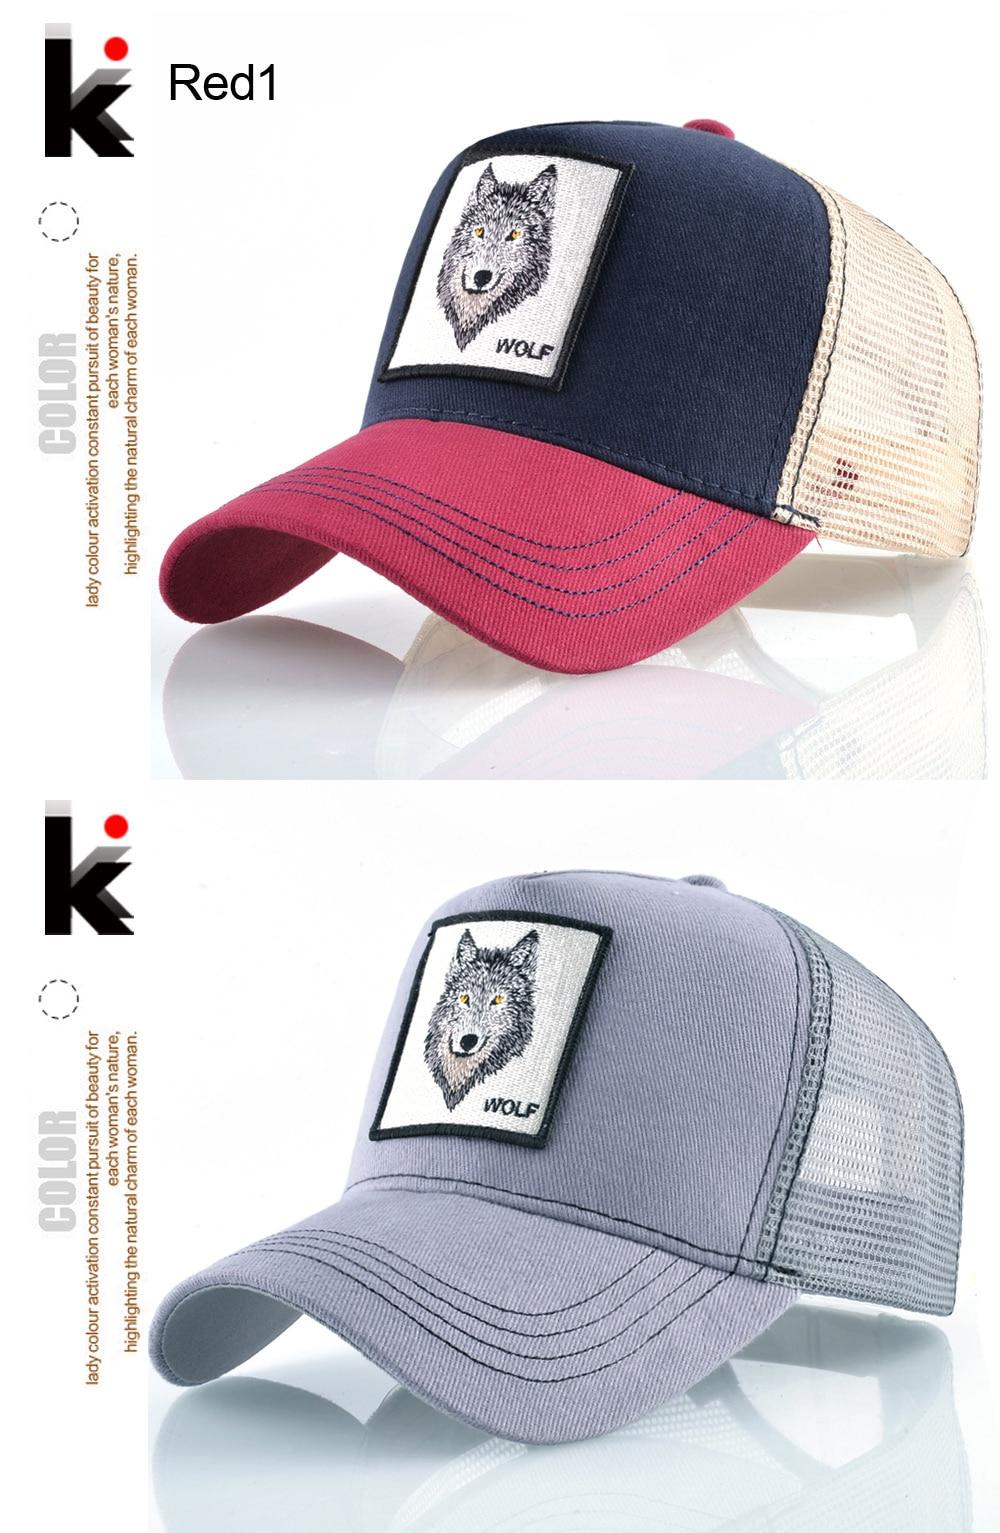 Gorra de béisbol de moda Snapback camionero para hombres verano  transpirable malla mujer lobo bordado Hip Hop Casquette chicos Kpop hueso.  K 01 K 02 K 04 01 ... c3c3af45094